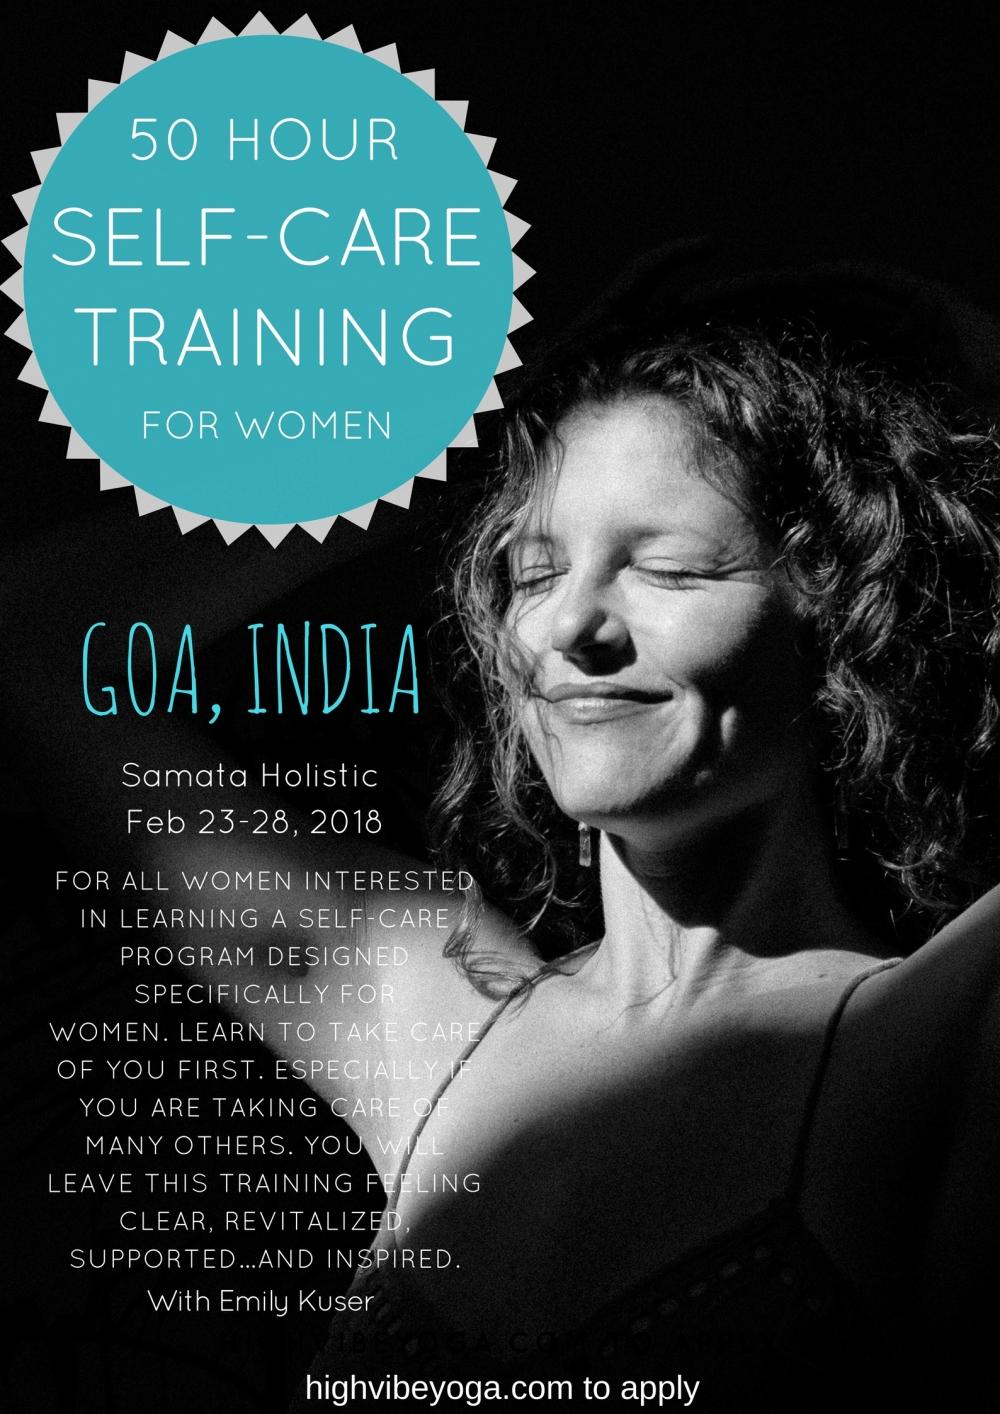 Copy of 50HOUR Self Care Trainingfor women